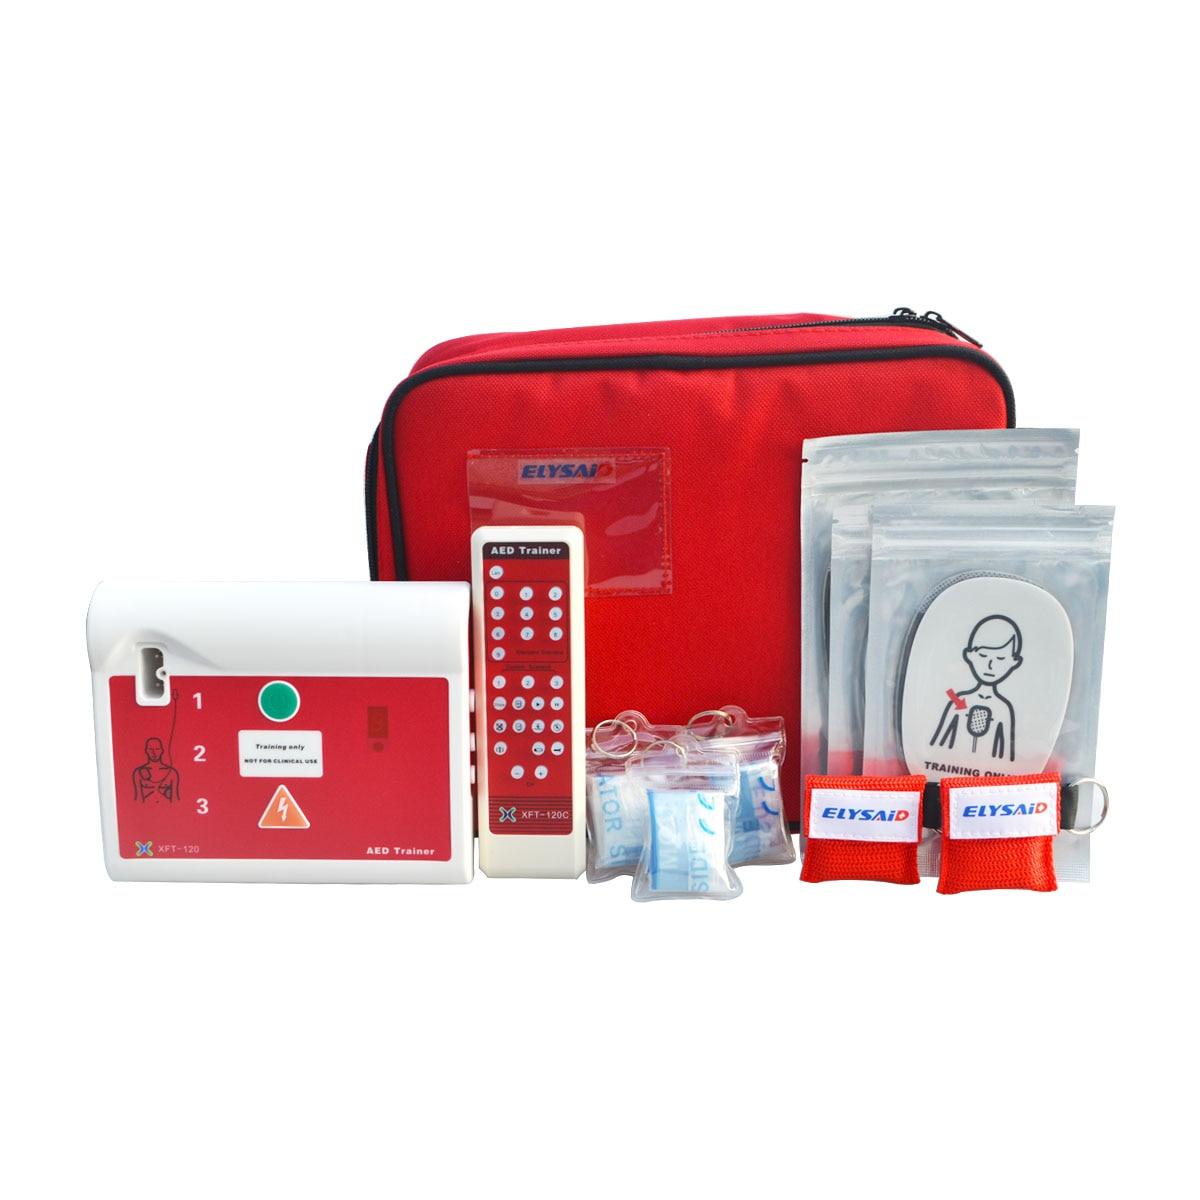 1 set AED formateur automatique défibrillateur externe simulateur Patient Machine de premiers soins rcr école compétence Traning anglais et espagnol